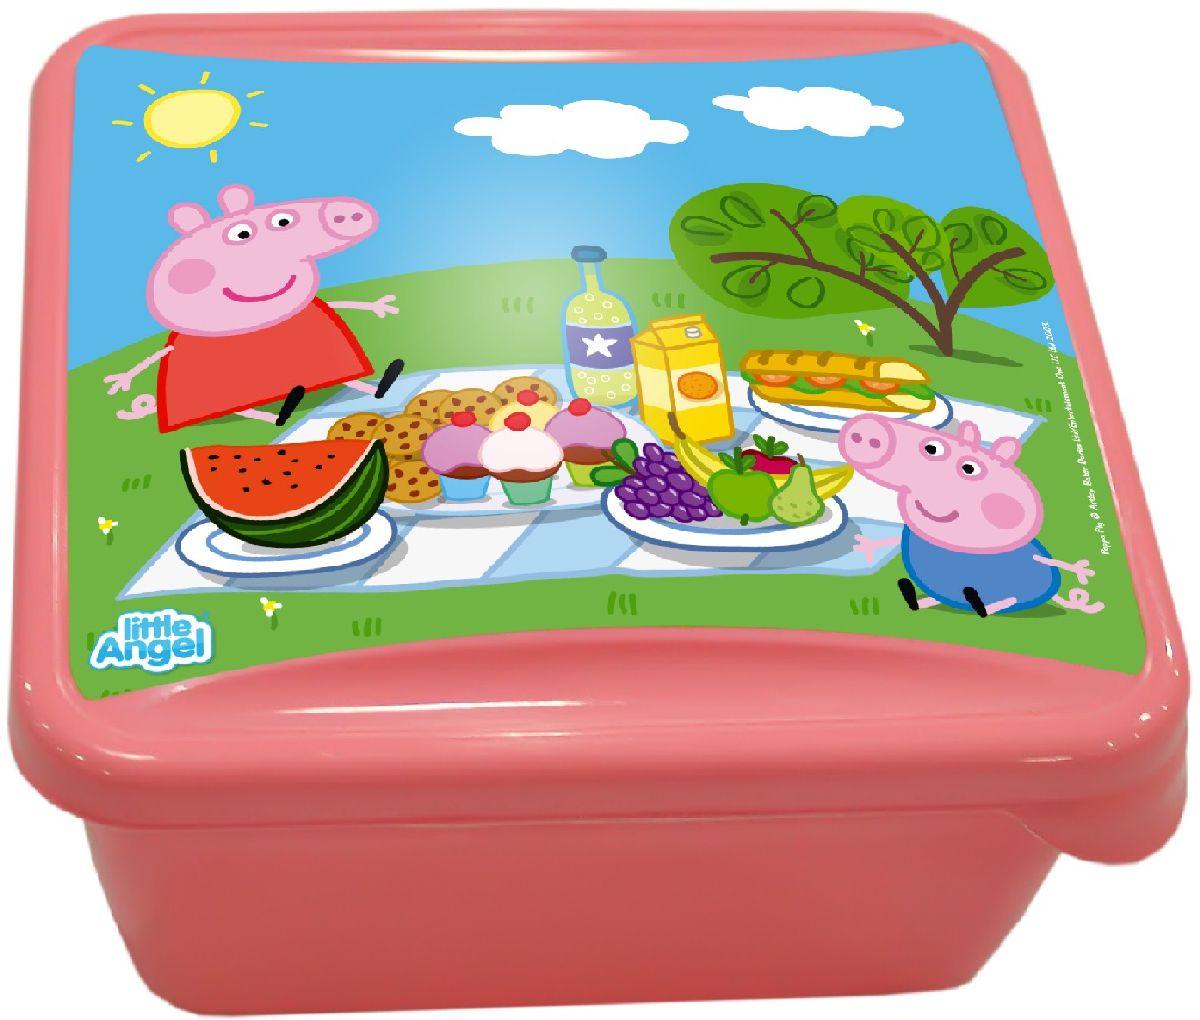 Ланч-бокс Little Angel Mini. Свинка Пеппа, цвет: розовый, 0,45 л21395599Наш универсальный ланч-бокс можно использовать как для хранения пищи в холодильнике, так и для того, чтобы брать с собой перекус на работу, в школу, на прогулку. Плотная защелка предотвратит ланч-бокс от открывания.